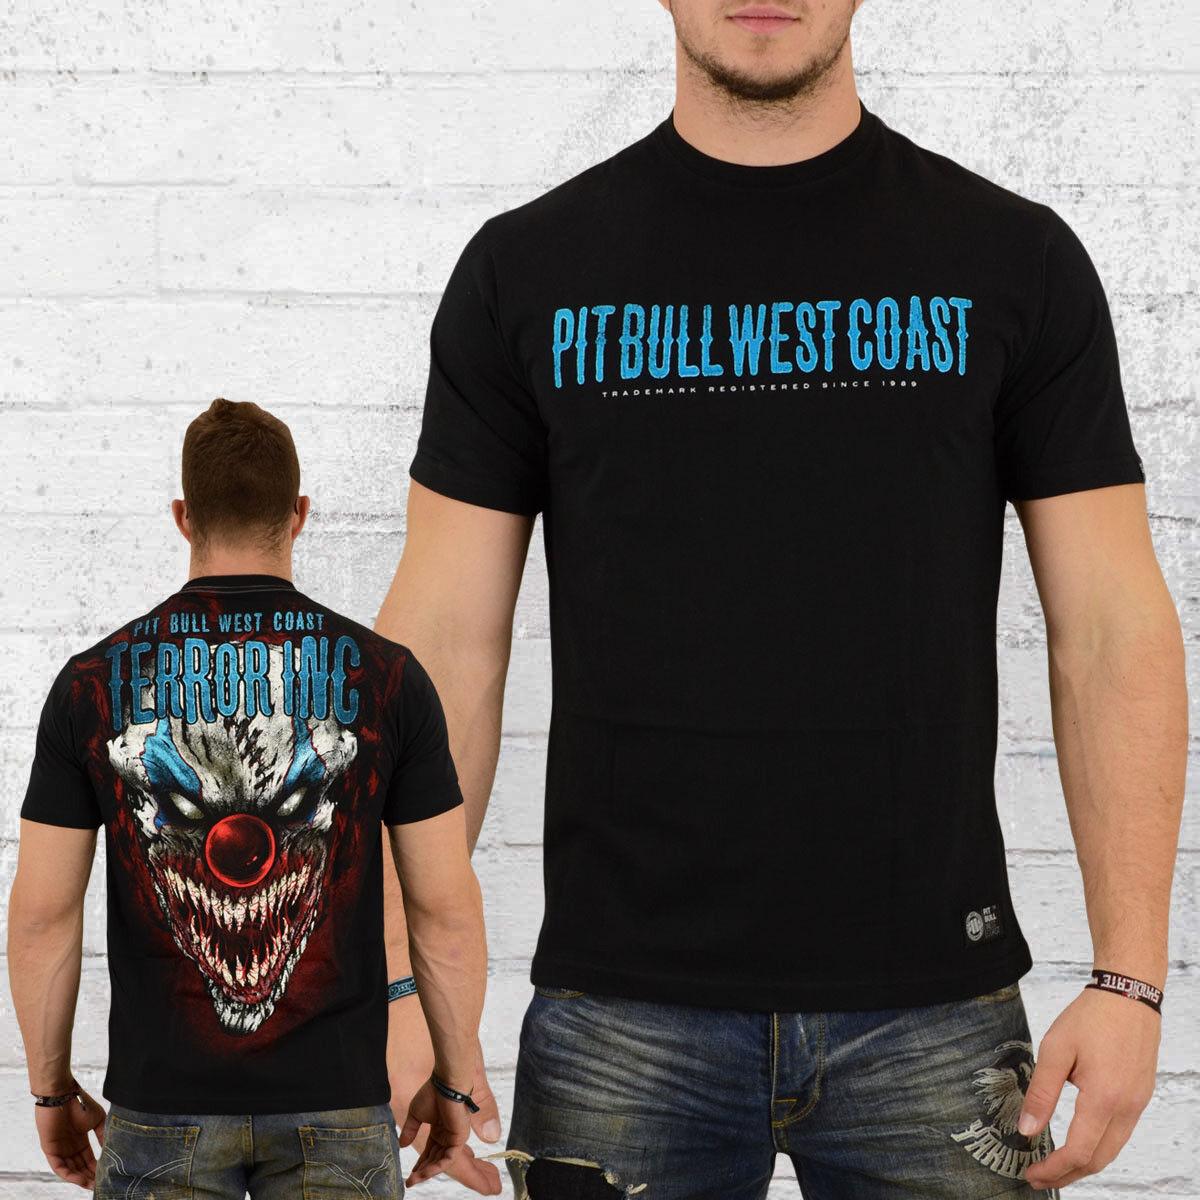 7652257a Bull West Coast Männer T-Shirt Clown black Pitbull Pit Horror npdrju1465-T- Shirts